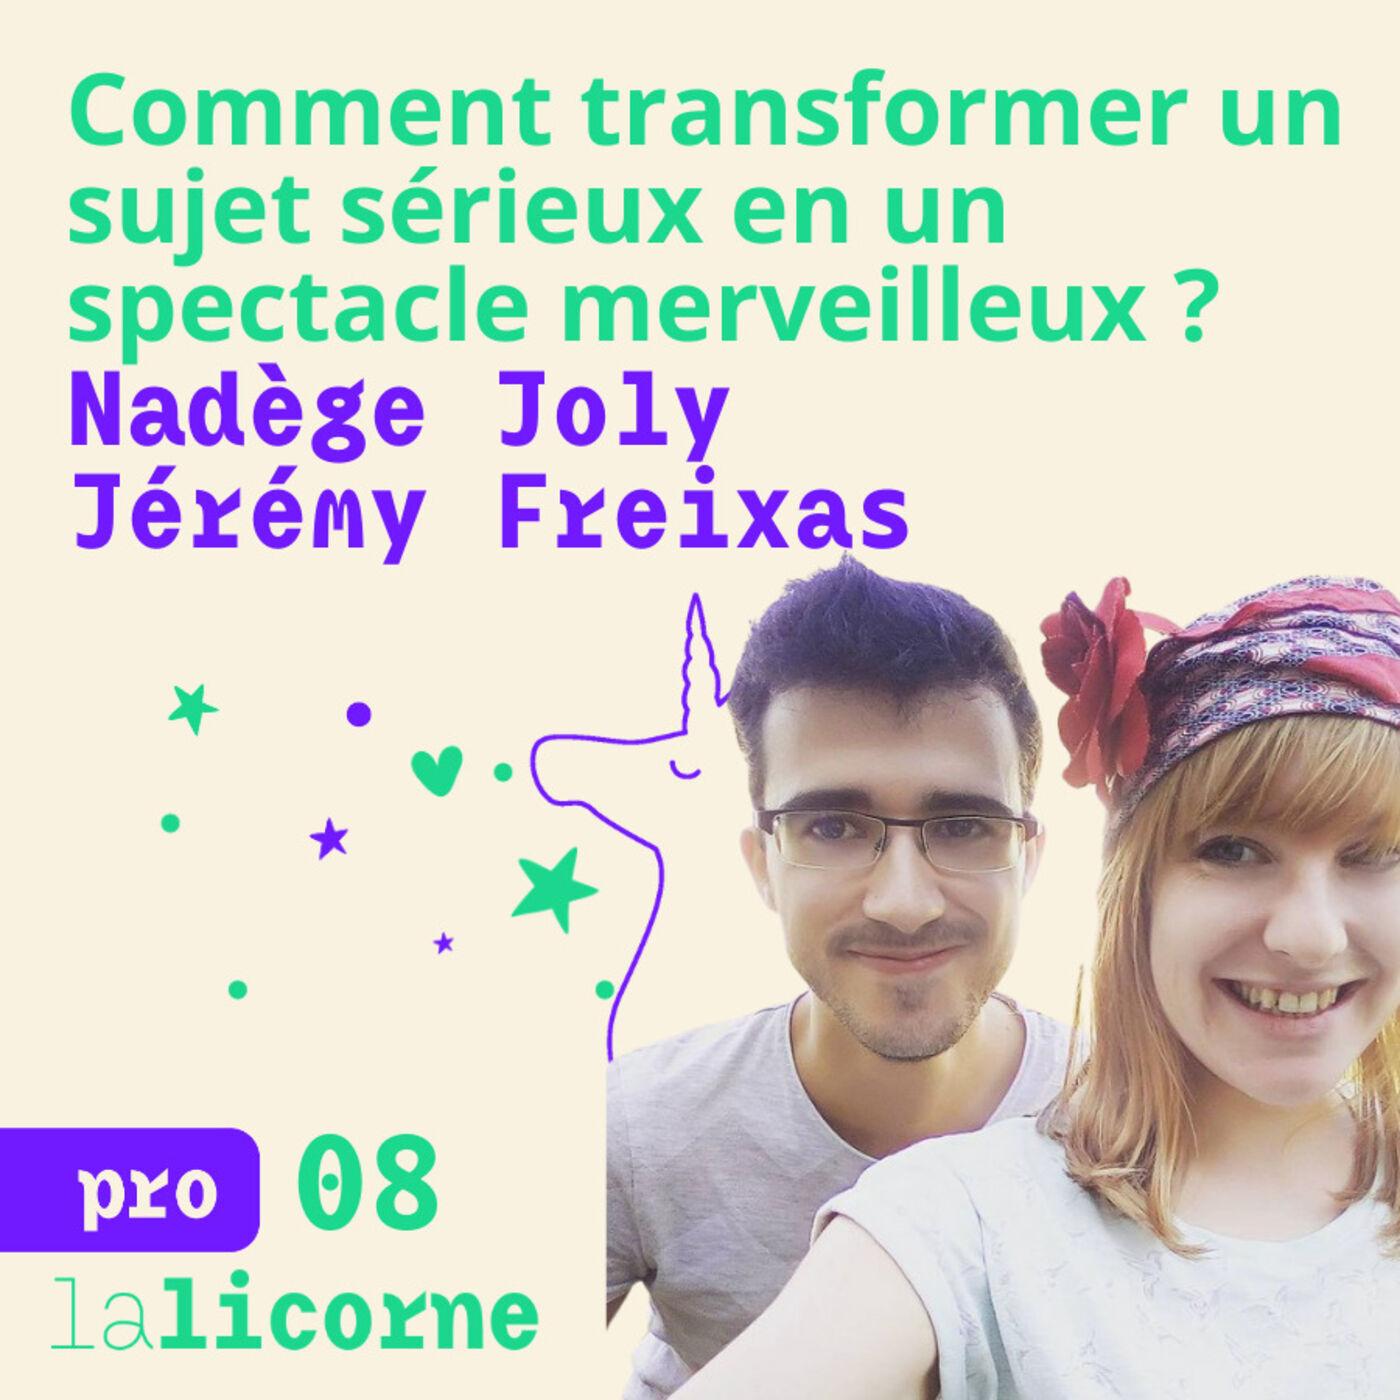 Episode 8 - Pro ✨ Nadège Joly et Jérémy Freixas - Comment transformer un sujet sérieux en spectacle merveilleux ?